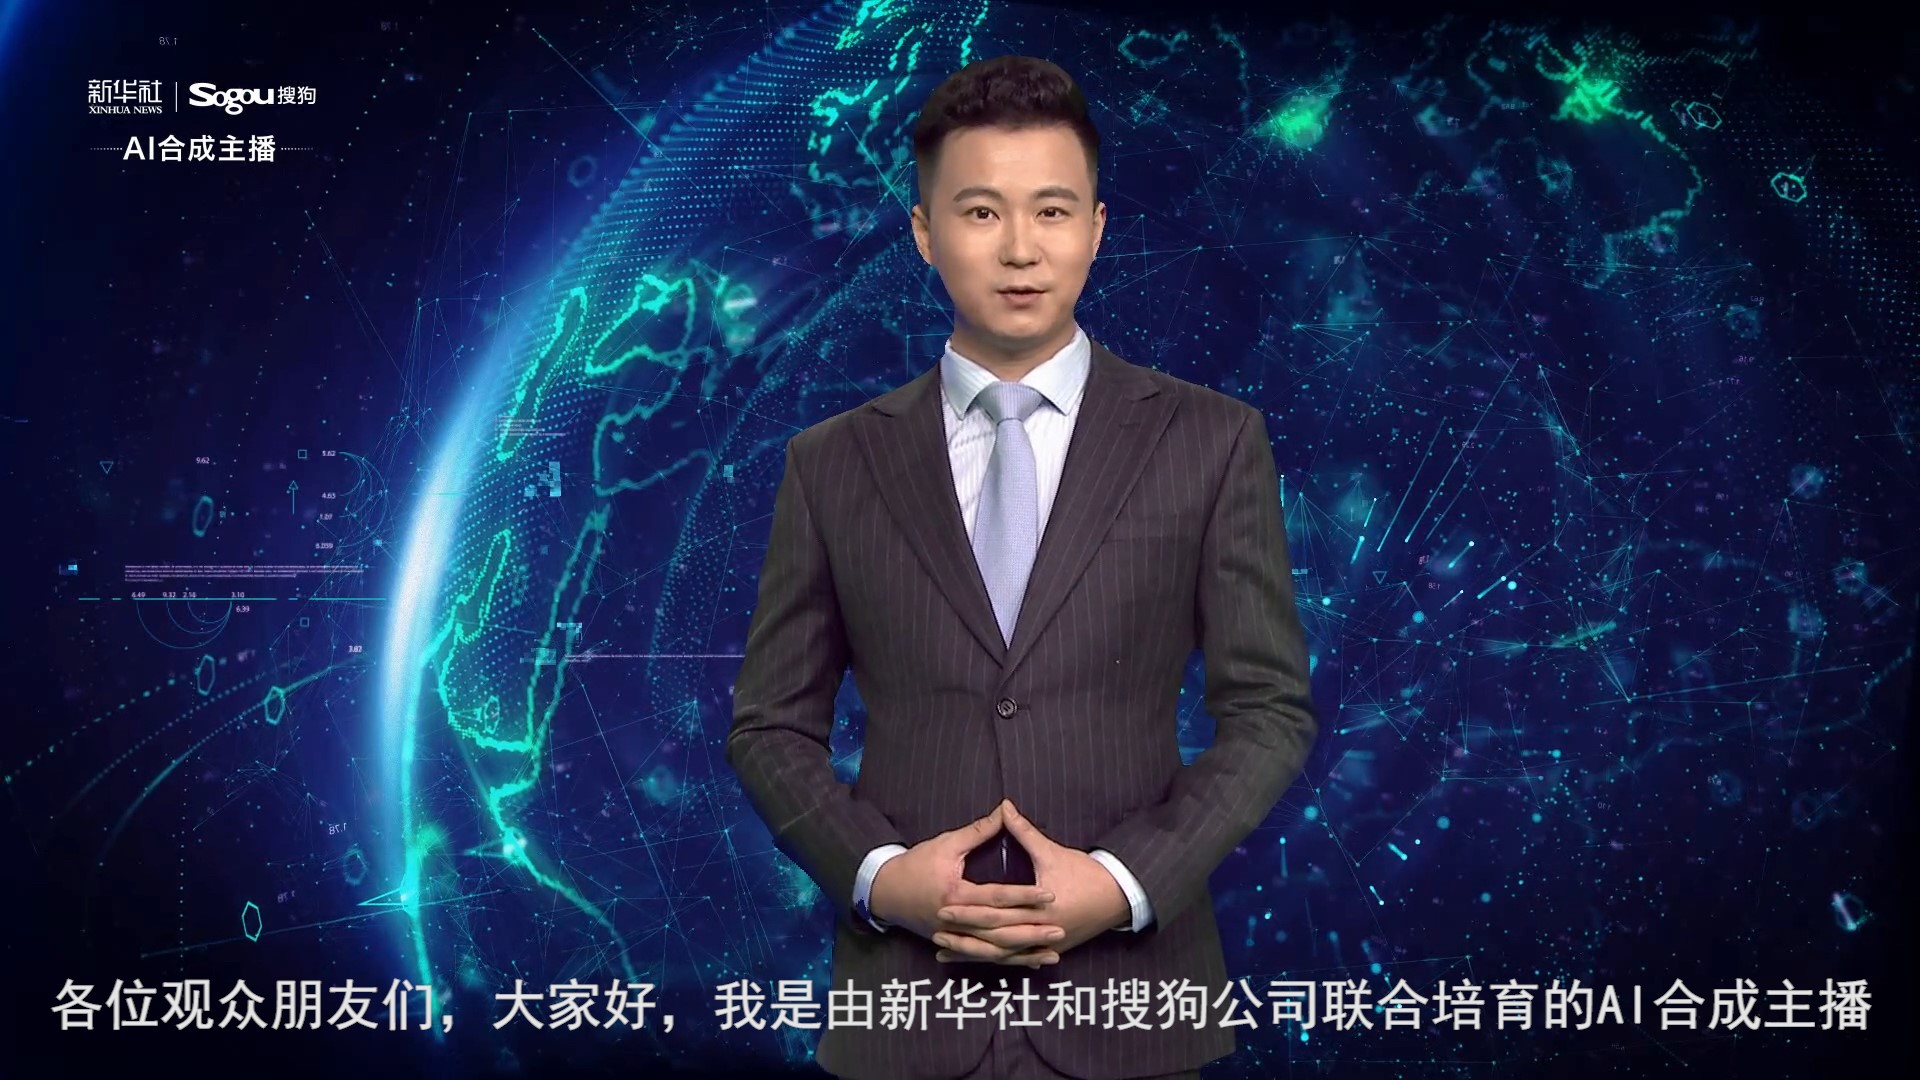 搜狗联合新华社发布全球首个站立式AI合成主播